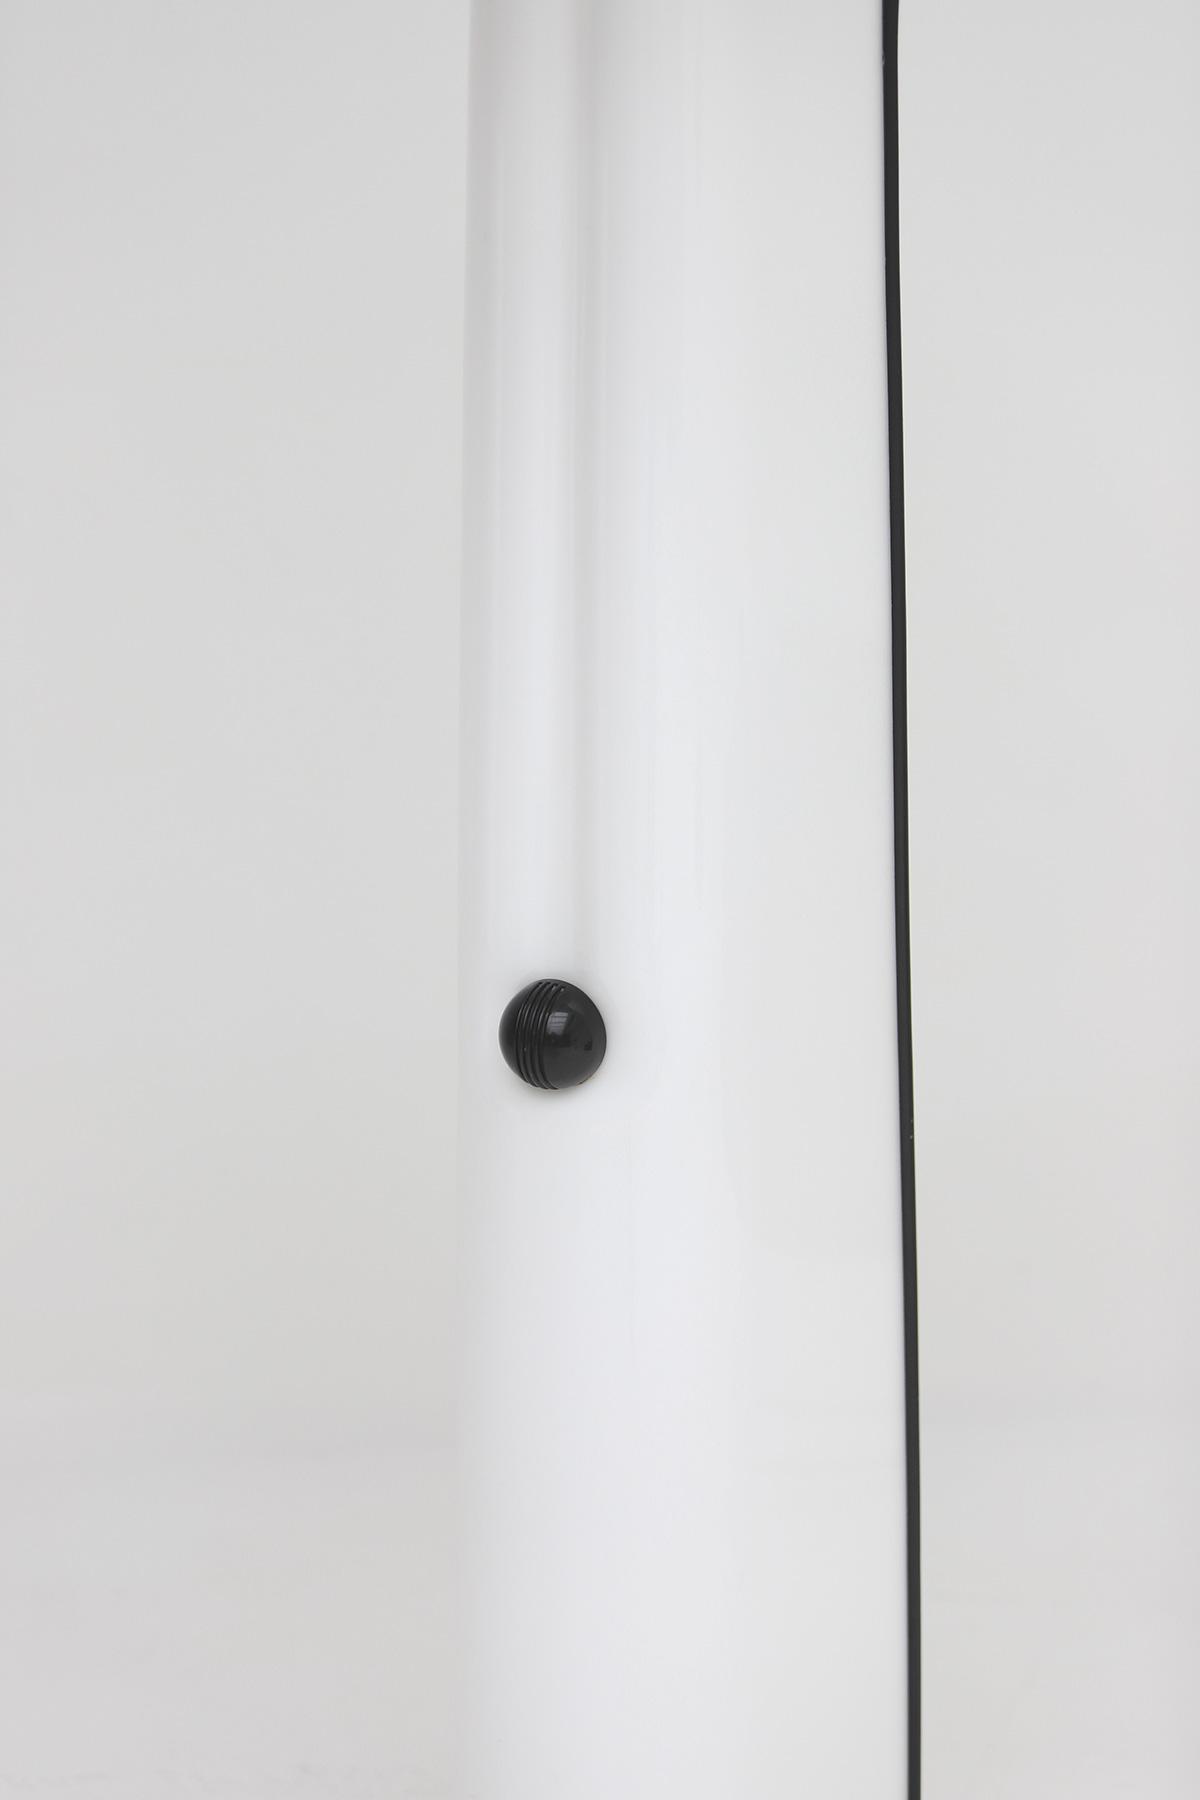 Alba floor lamp by Sergio Brazzoli and Ermanno Lampa for Harvey Guzzini 1973image 6